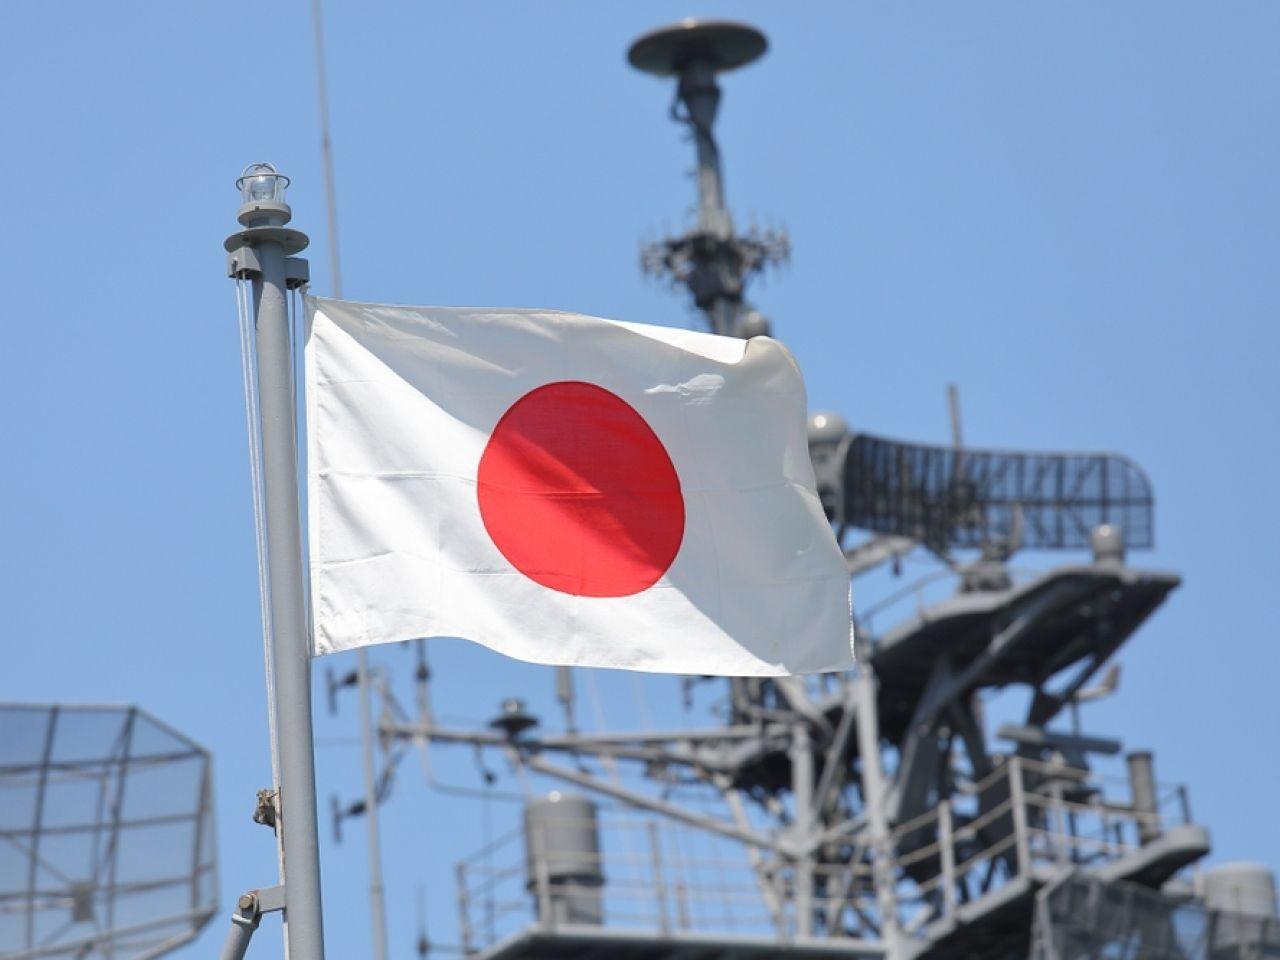 高速滑翔彈研究將投入139億日元